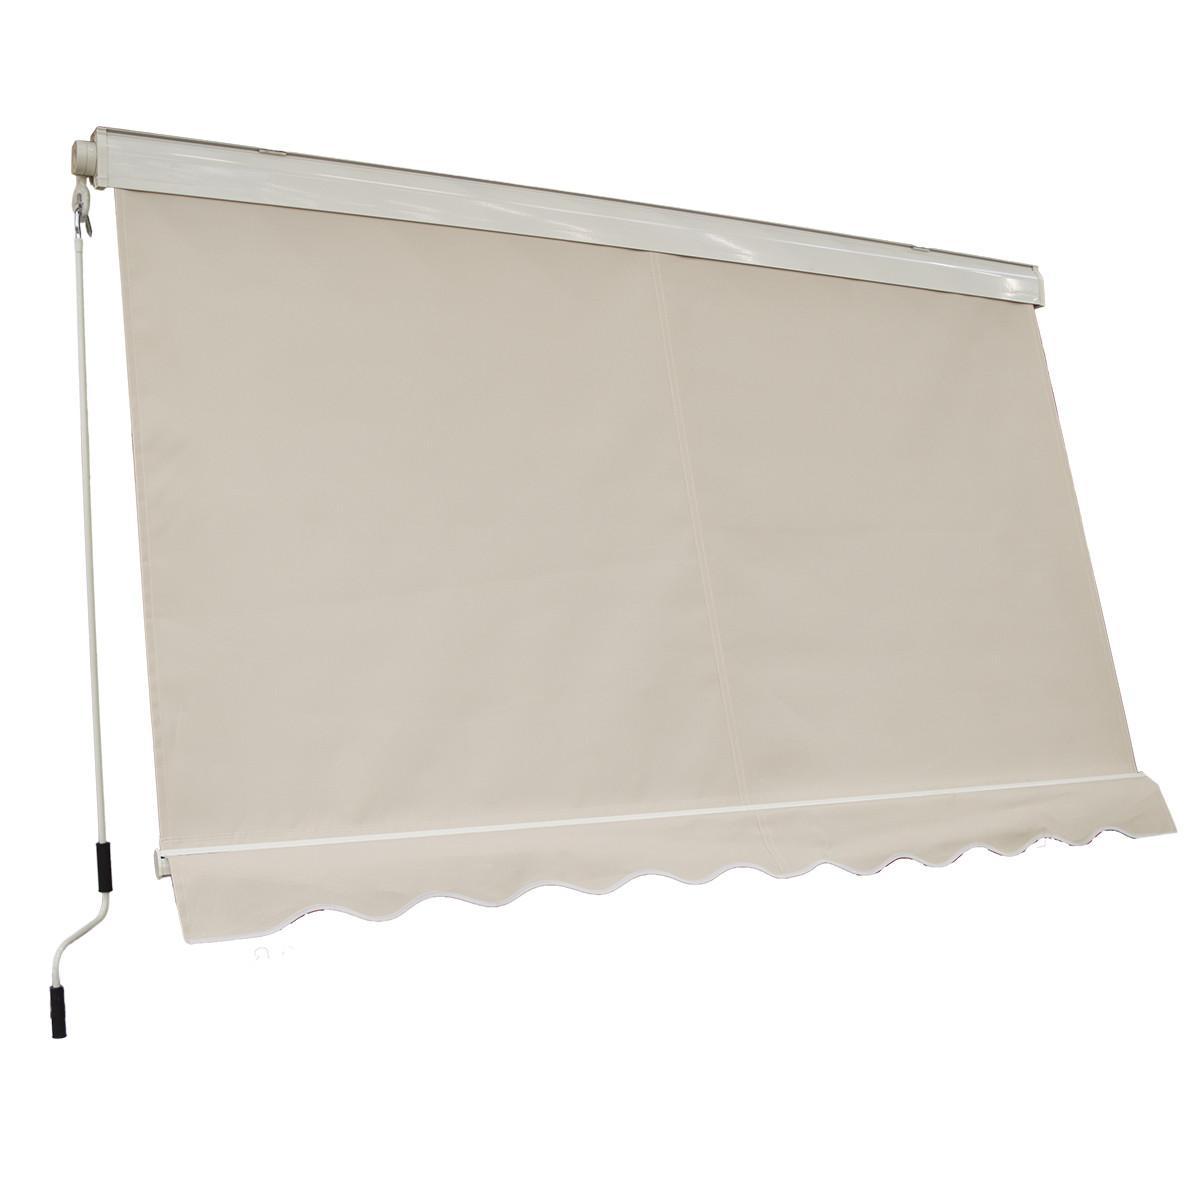 La più apprezzata, nella vasta gamma di tende a caduta proposte da facchetti srl. Tenda Da Sole A Caduta Con Cassonetto 250x250 Cm